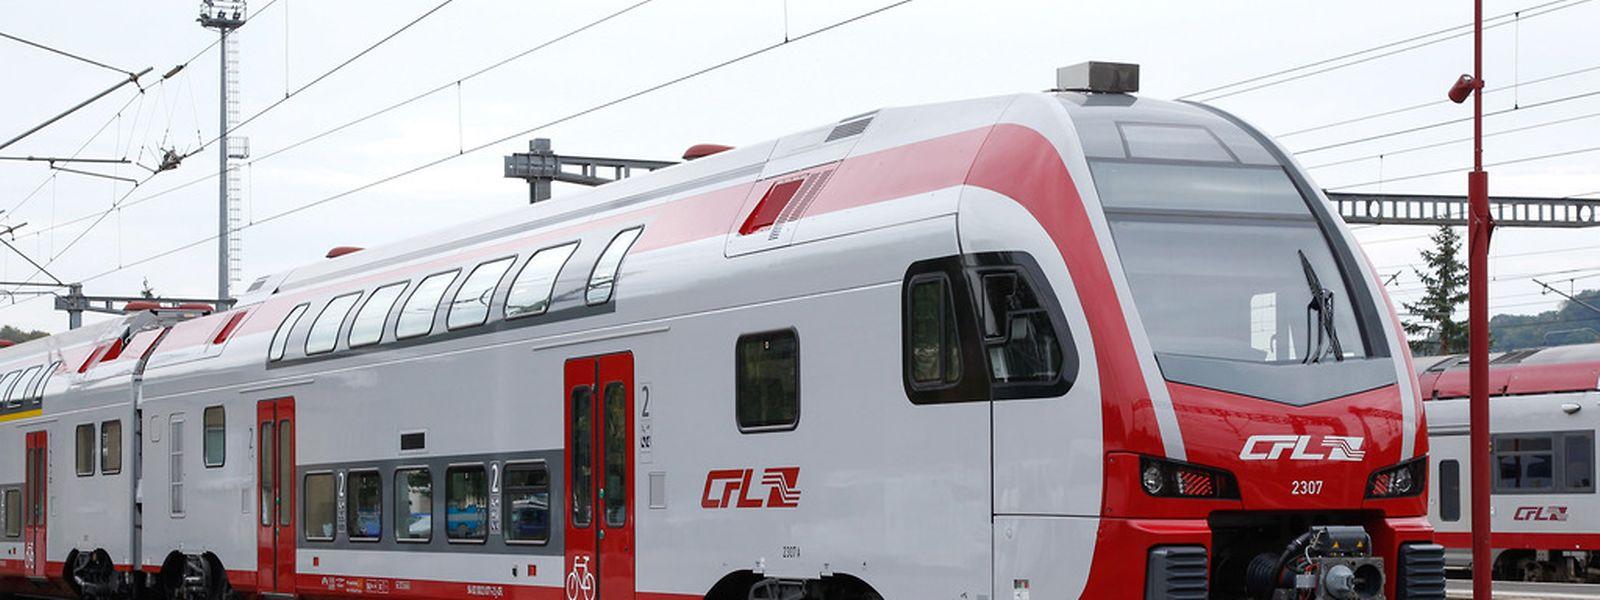 """Ab dem 14. Dezember kommen acht neue Doppelstock-Triebwagen, die so genannten """"Kiss""""-Züge, zum Einsatz. Sie fahren stündlich nach Koblenz und zurück."""